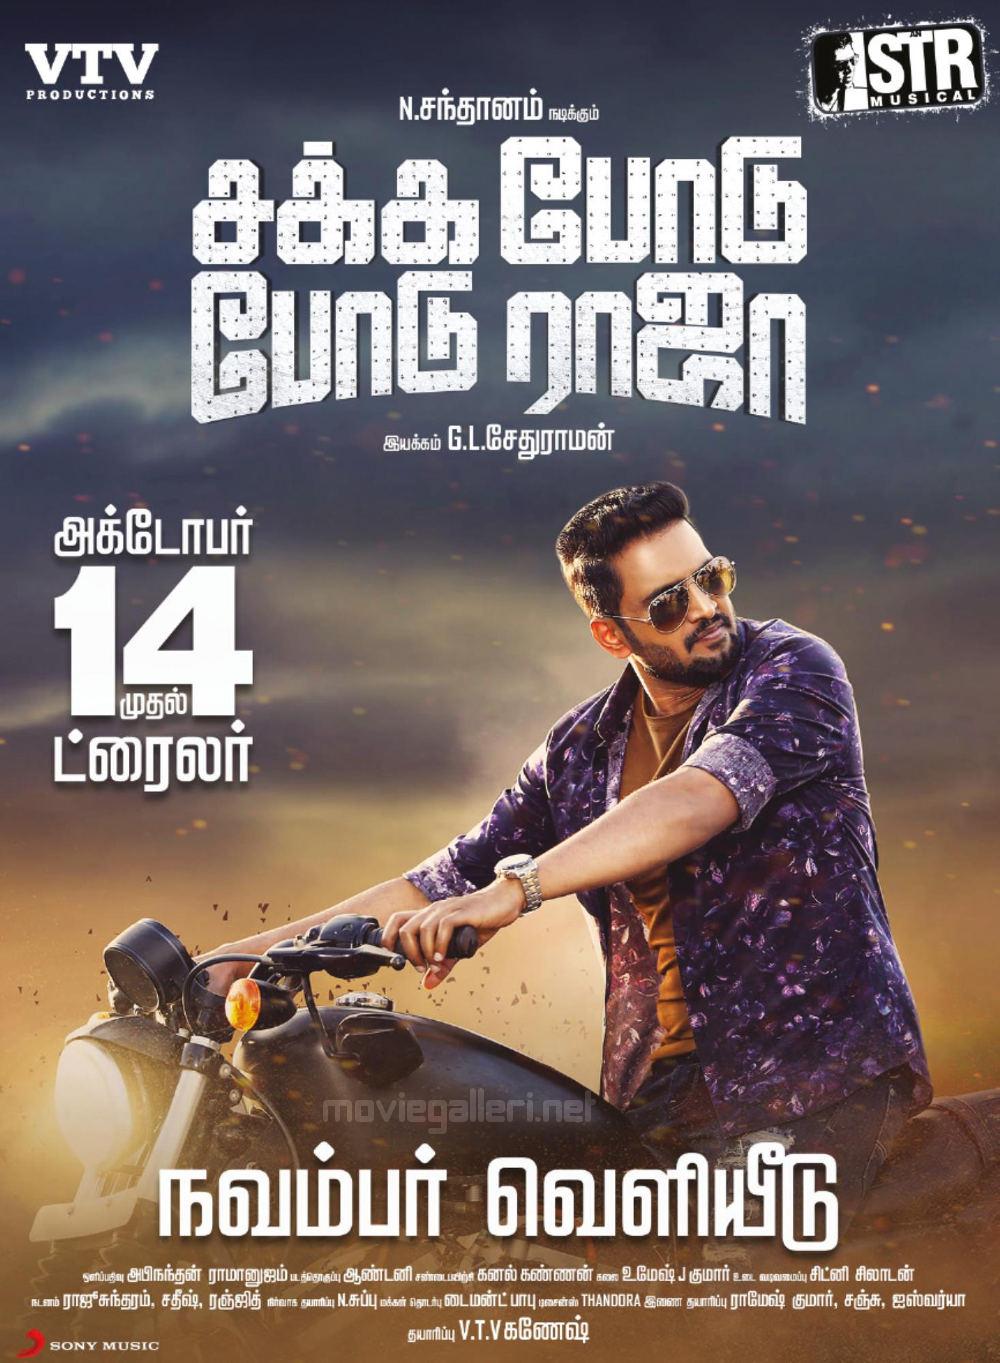 Trailer release plans of Simbu-Santhanam's next